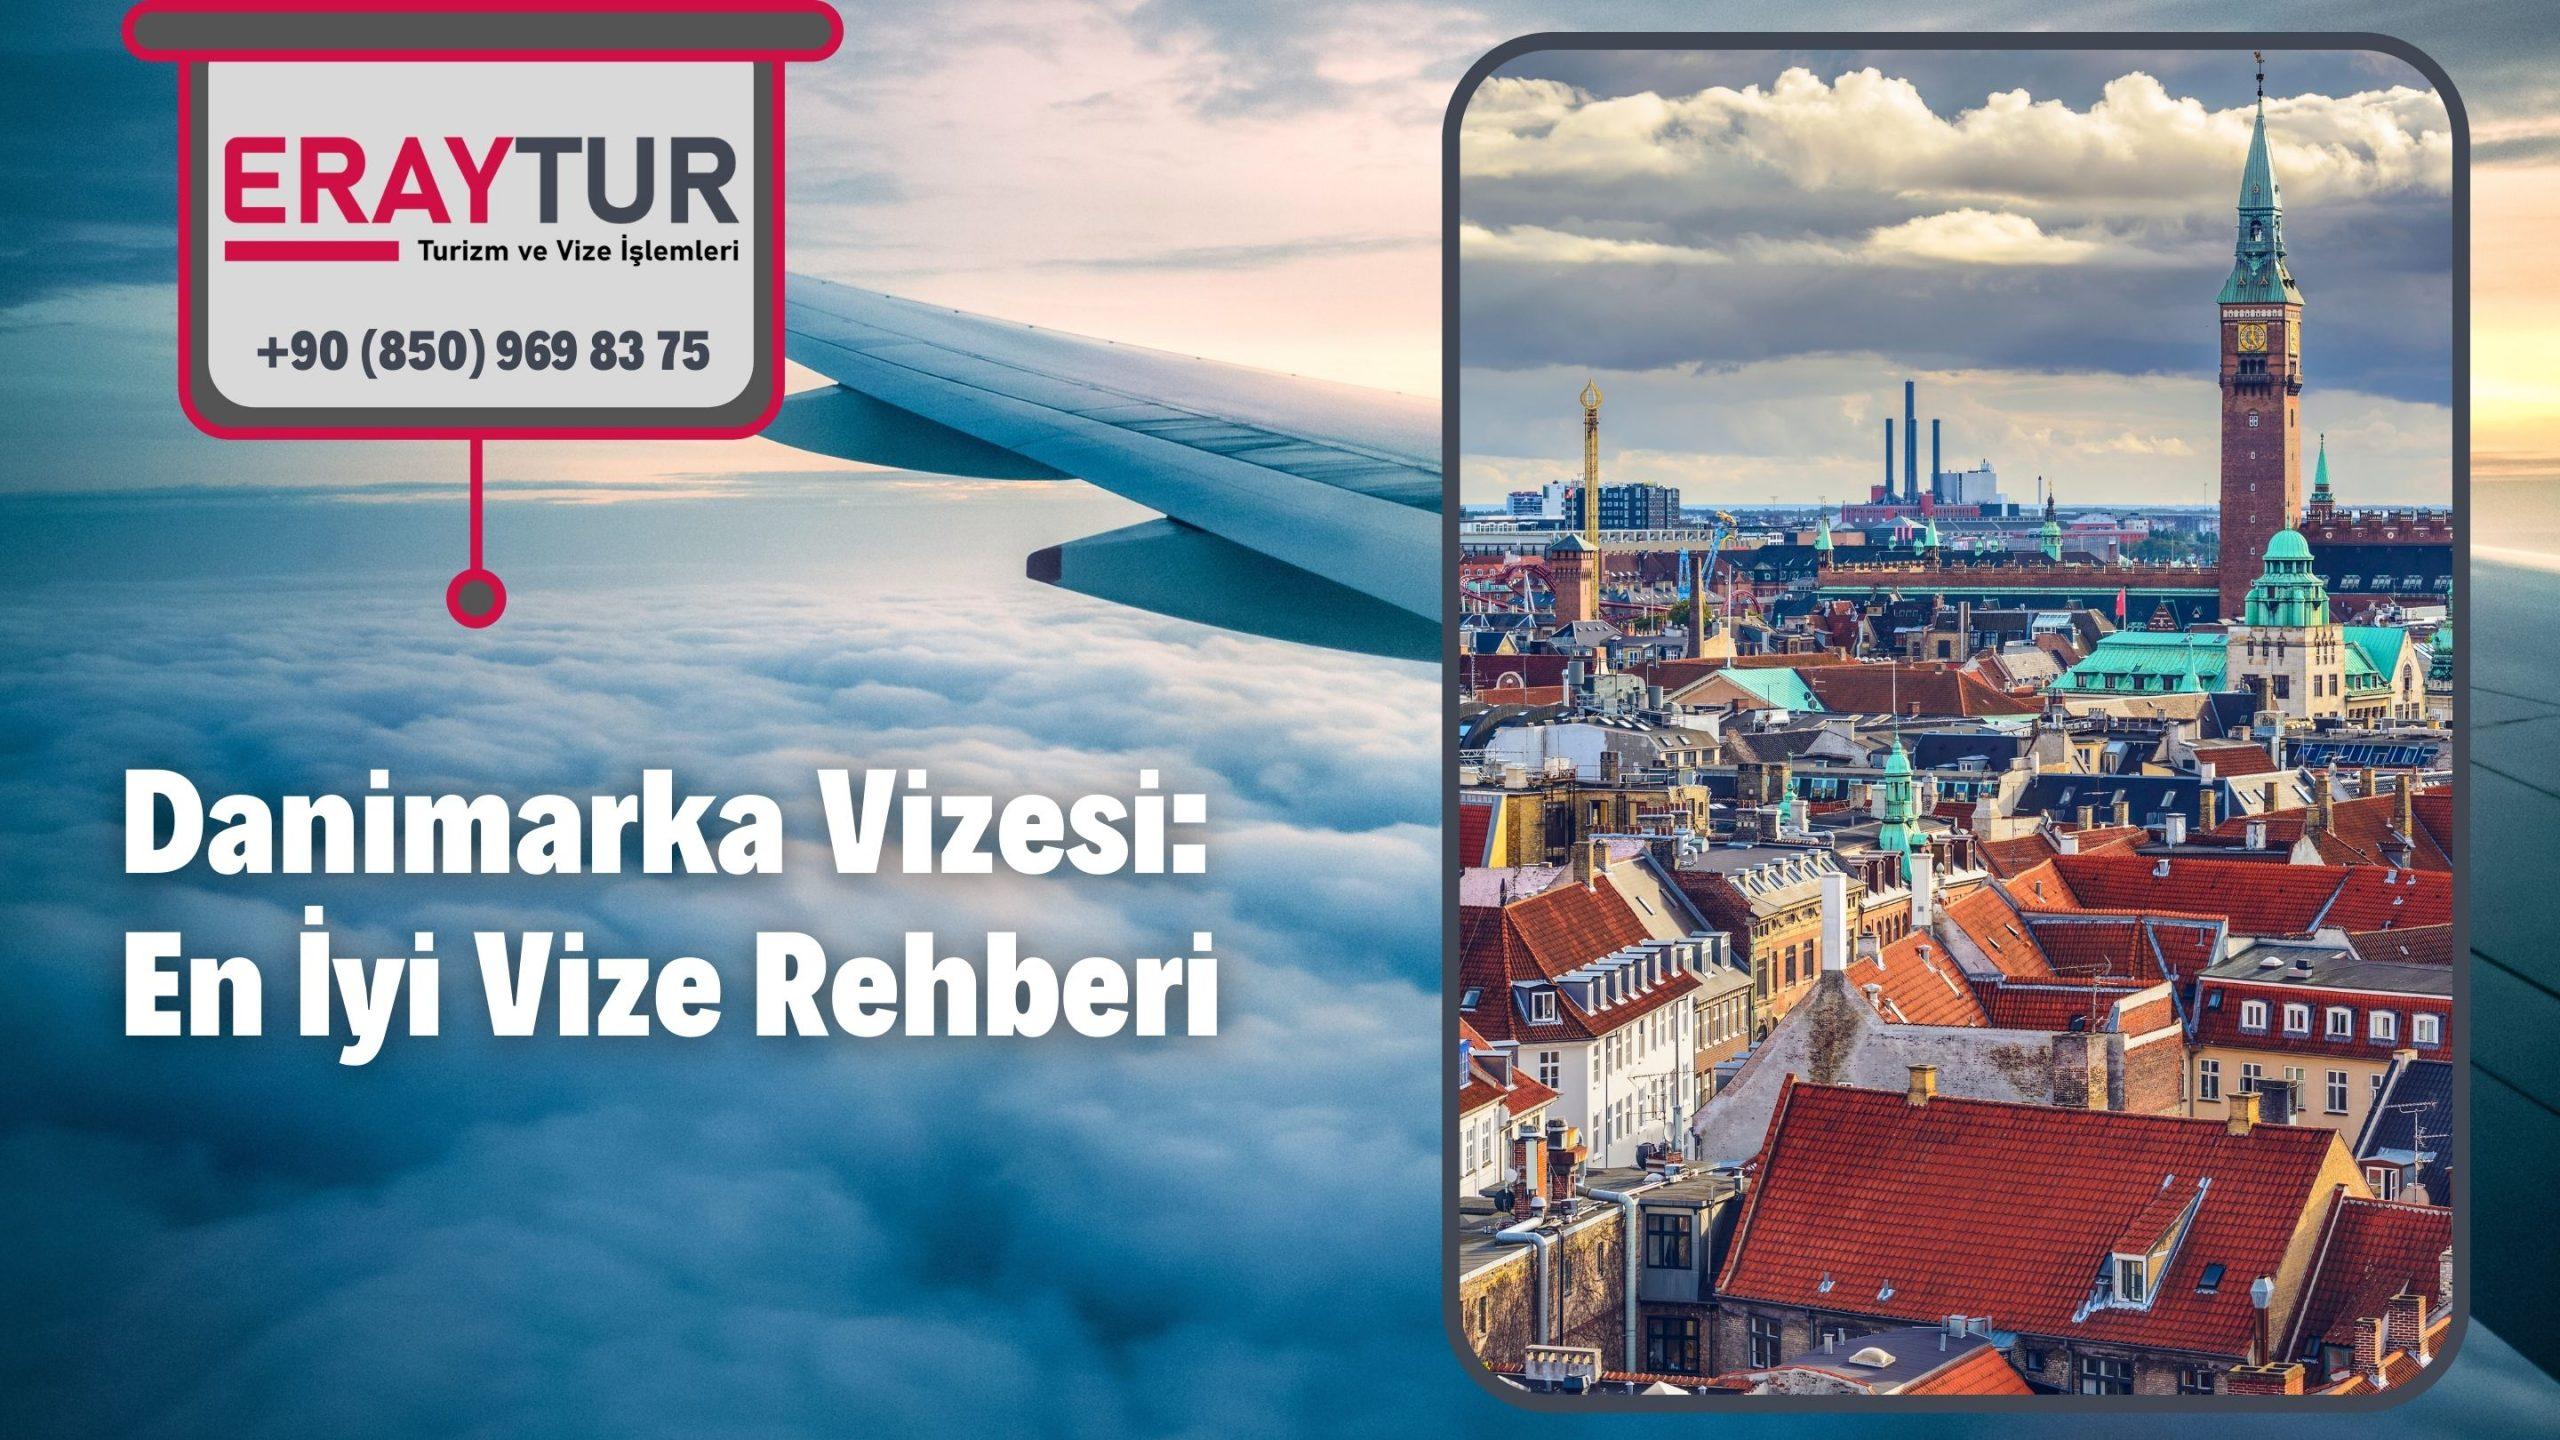 Danimarka Vizesi: En İyi Vize Rehberi 2021